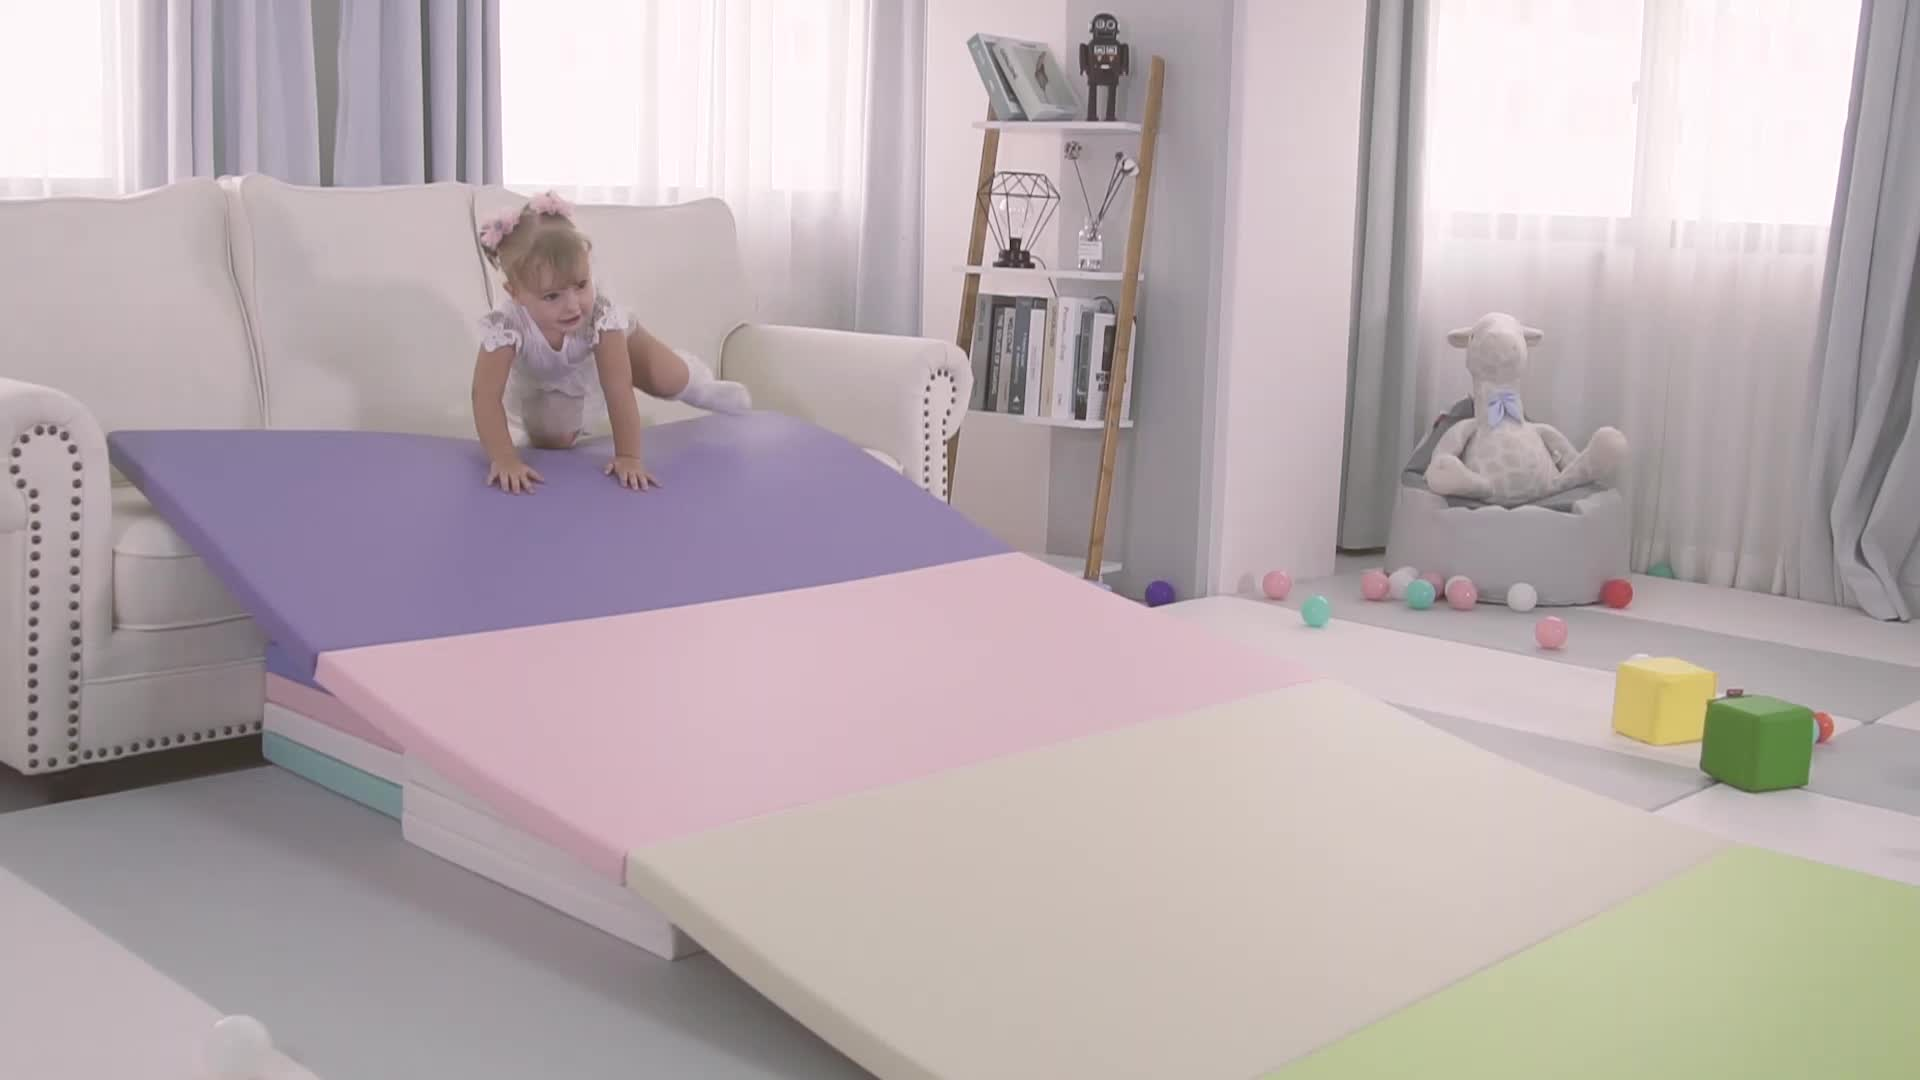 תינוק של עור מפוצל epe קצף הדפסת תנומה מחצלת ילדים הדפסת playmat